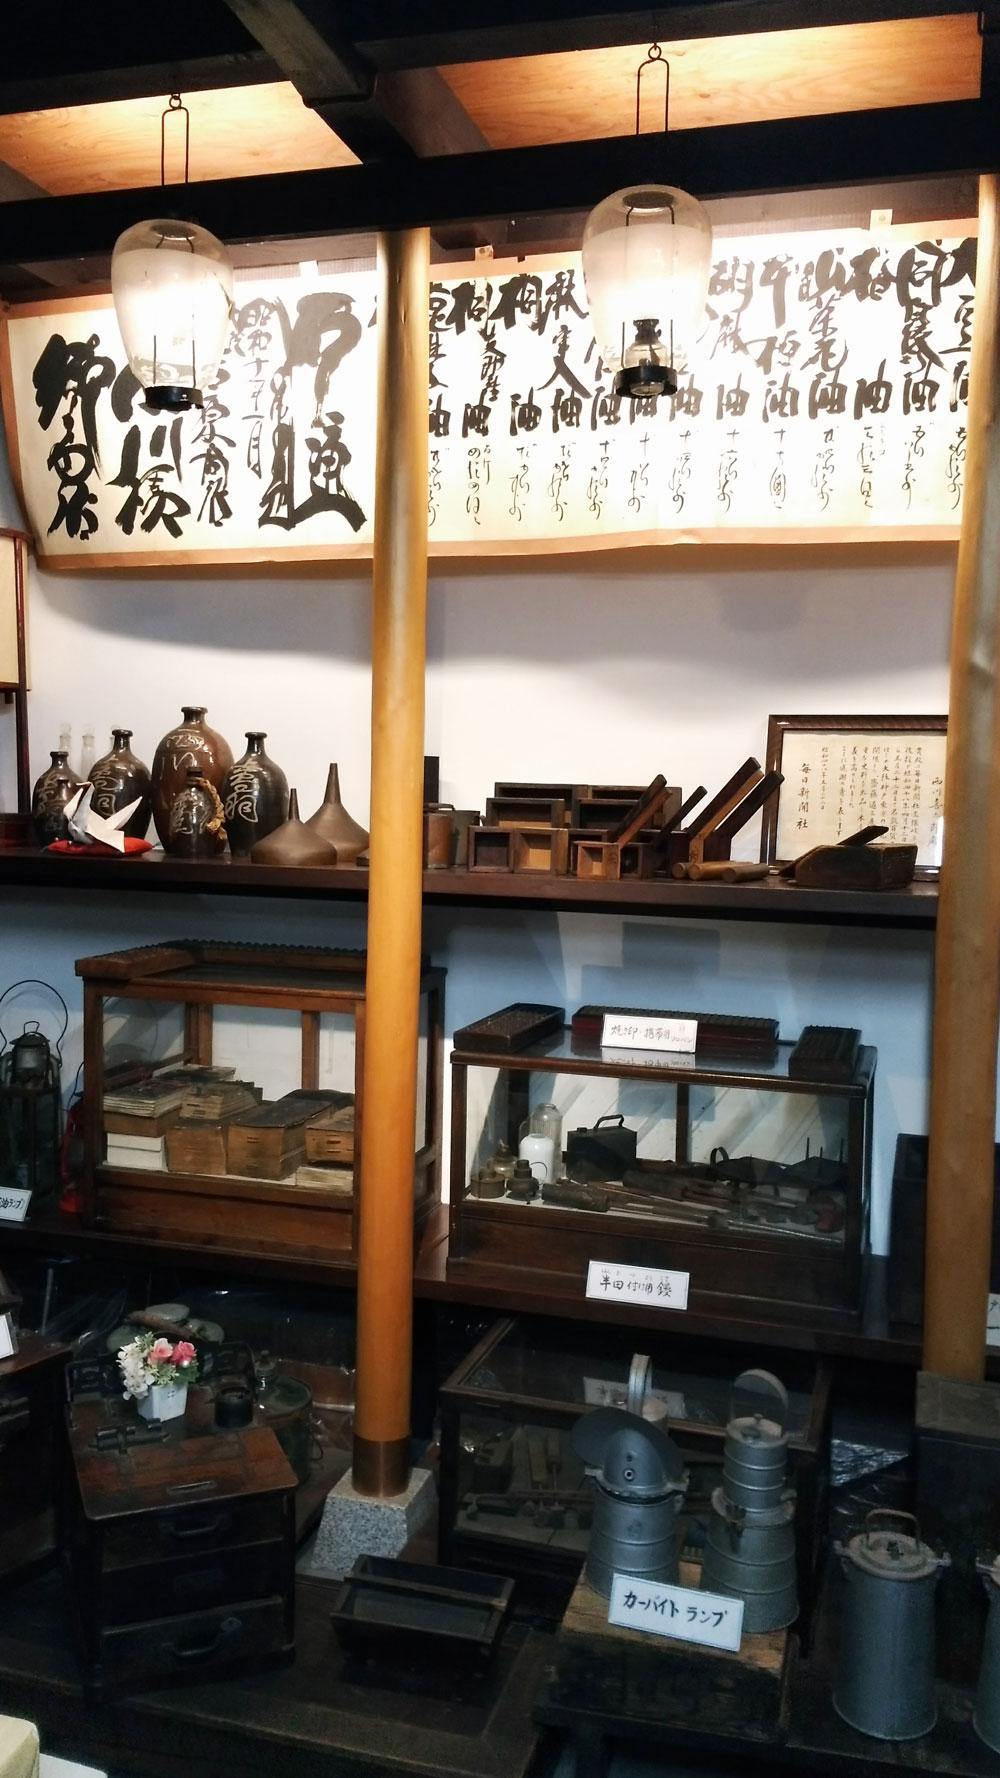 展示されている昔の道具